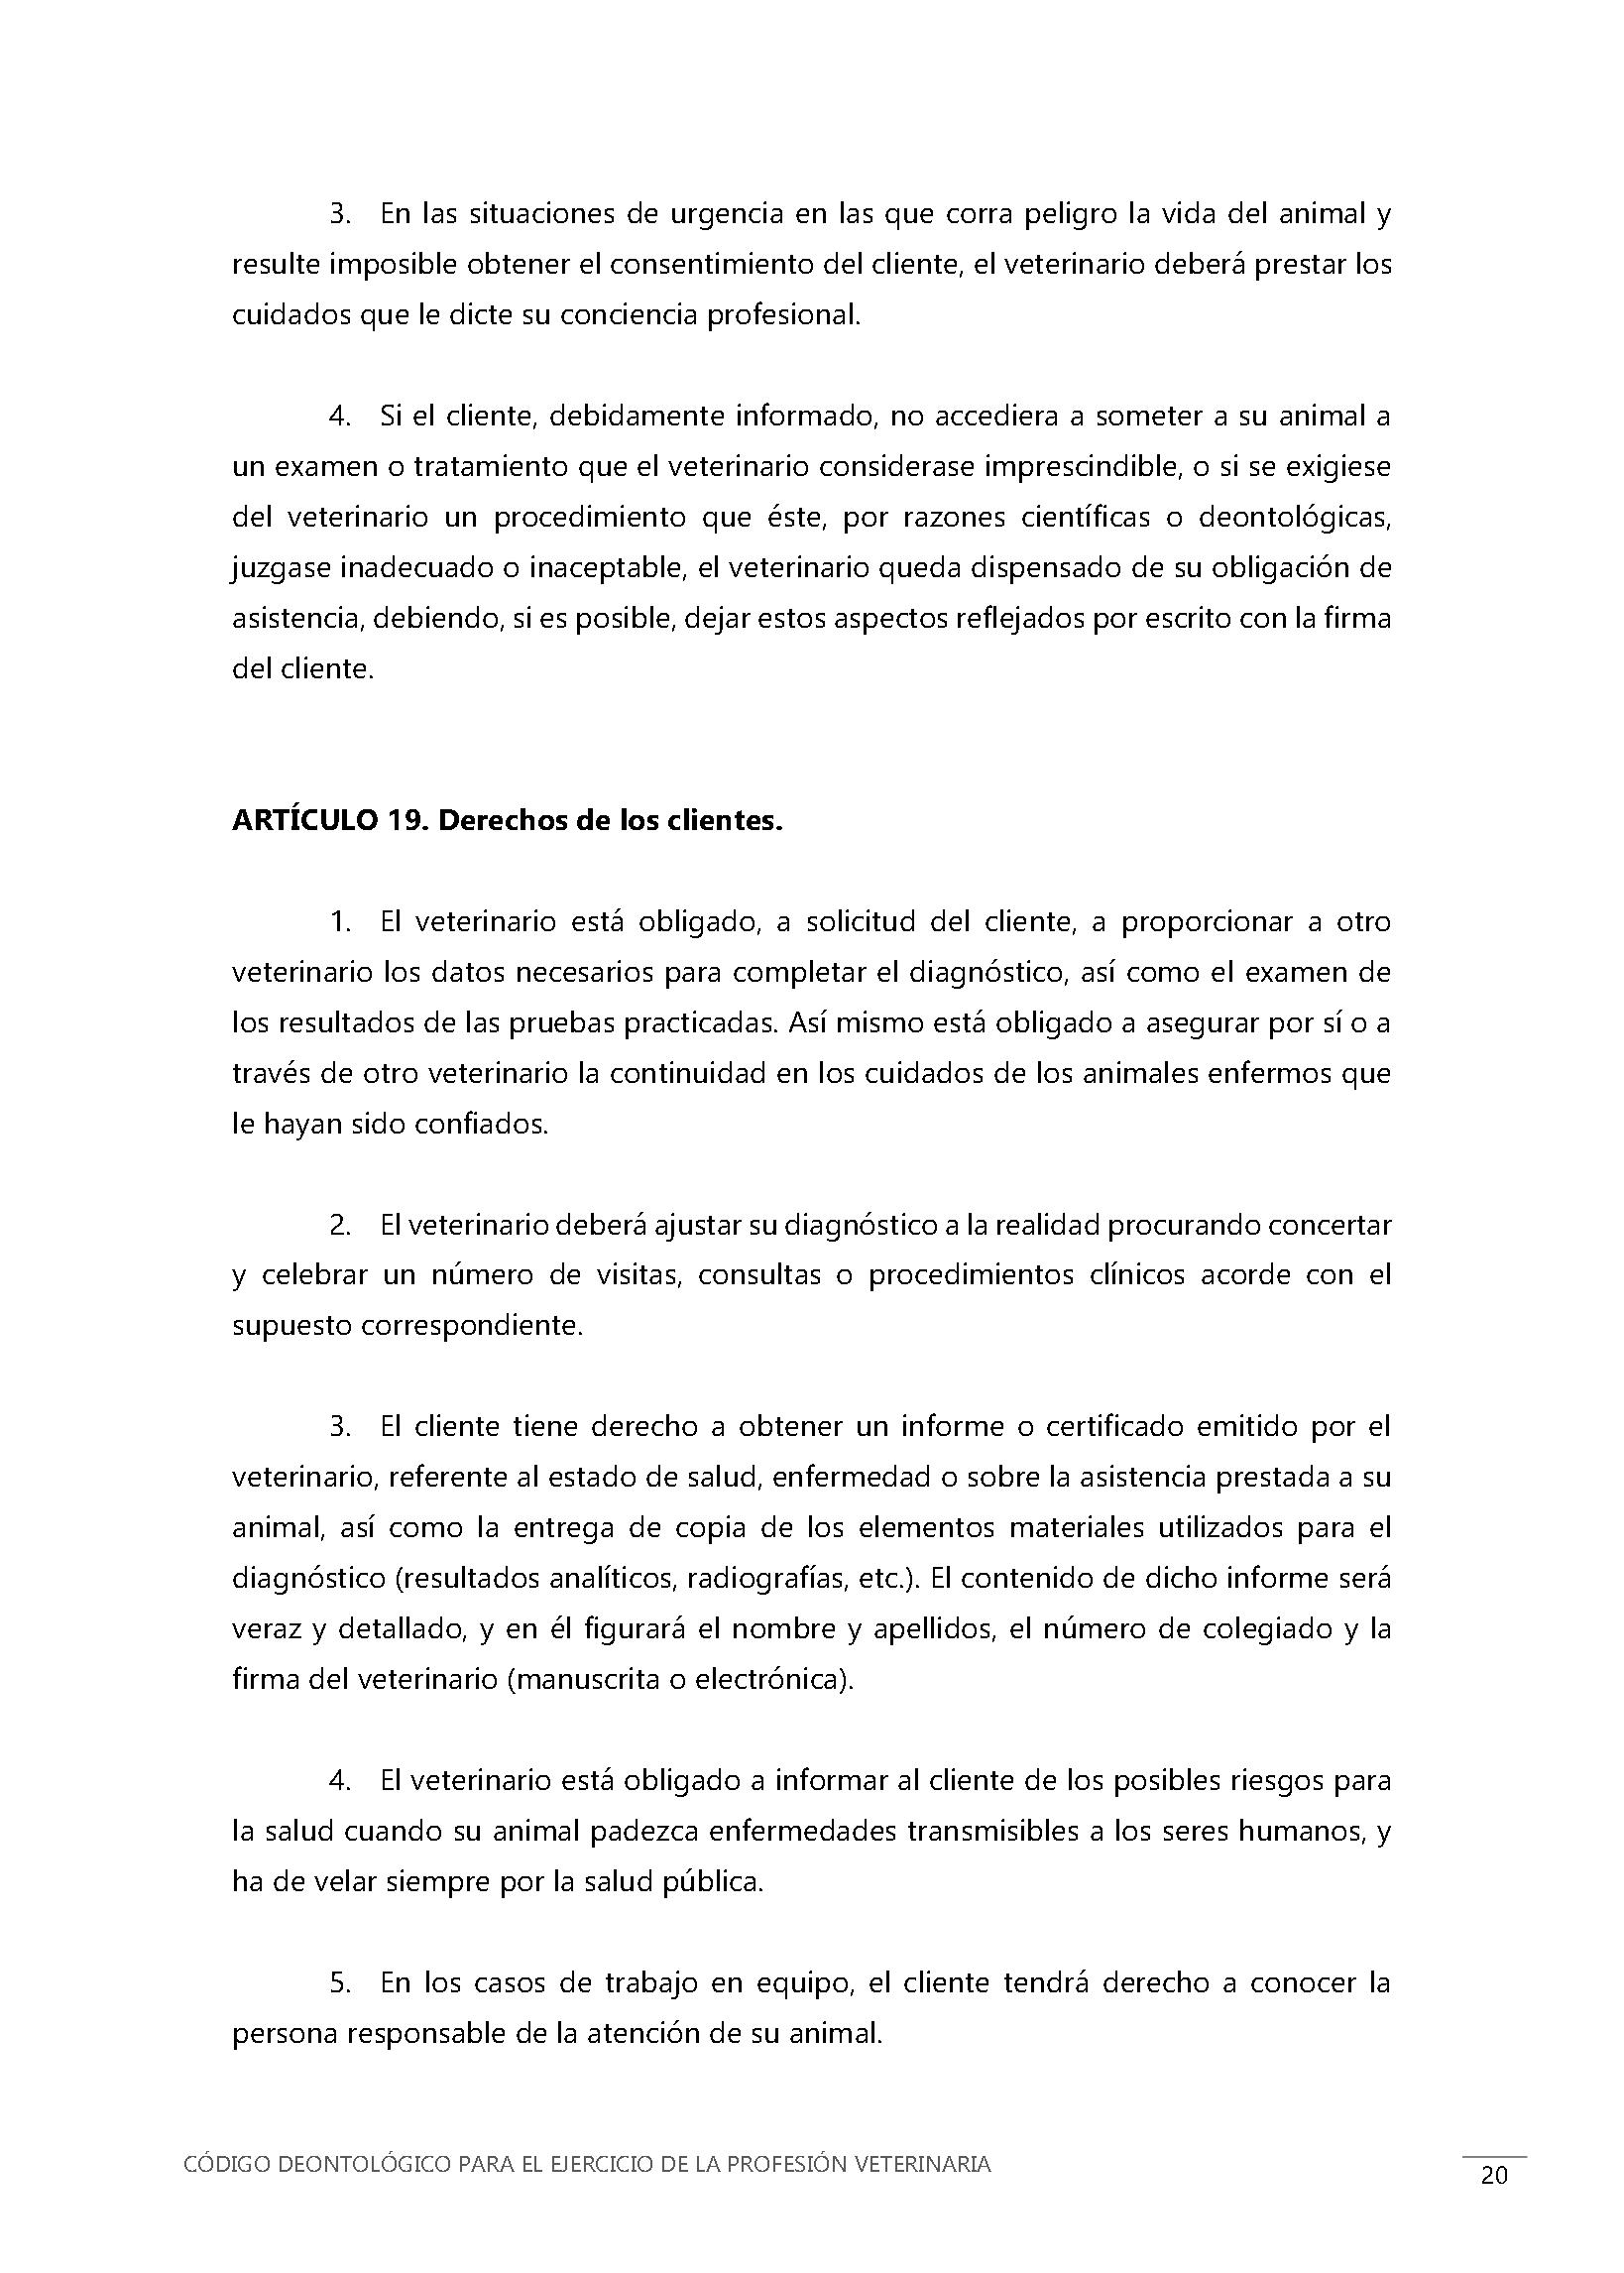 codigo deontológico dic 2018_Página_22